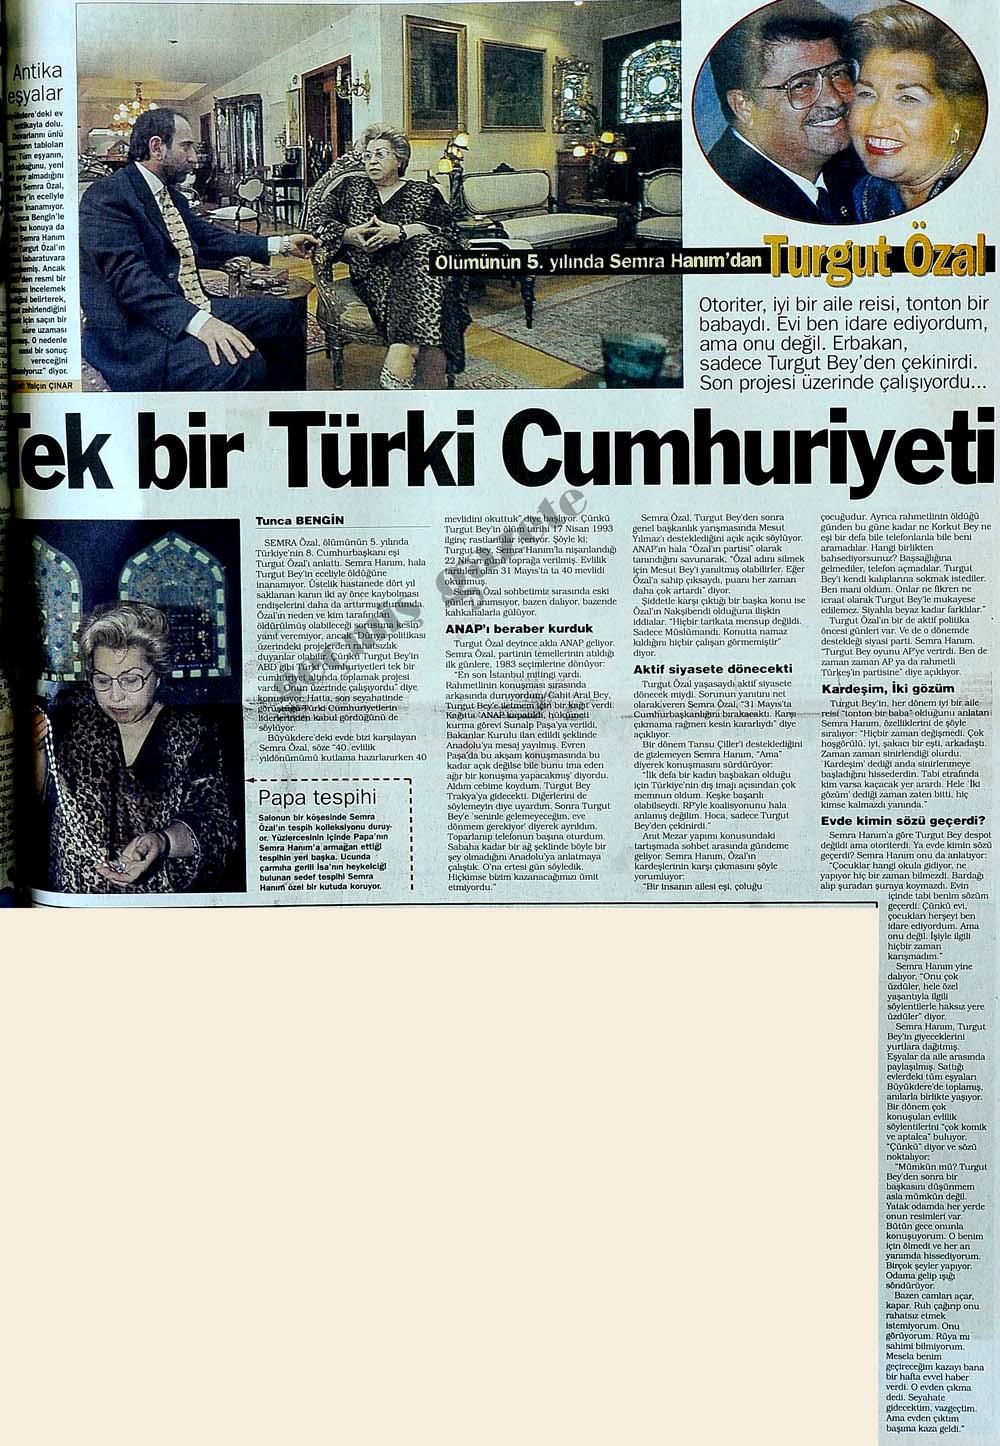 Tek bir Türki Cumhuriyeti